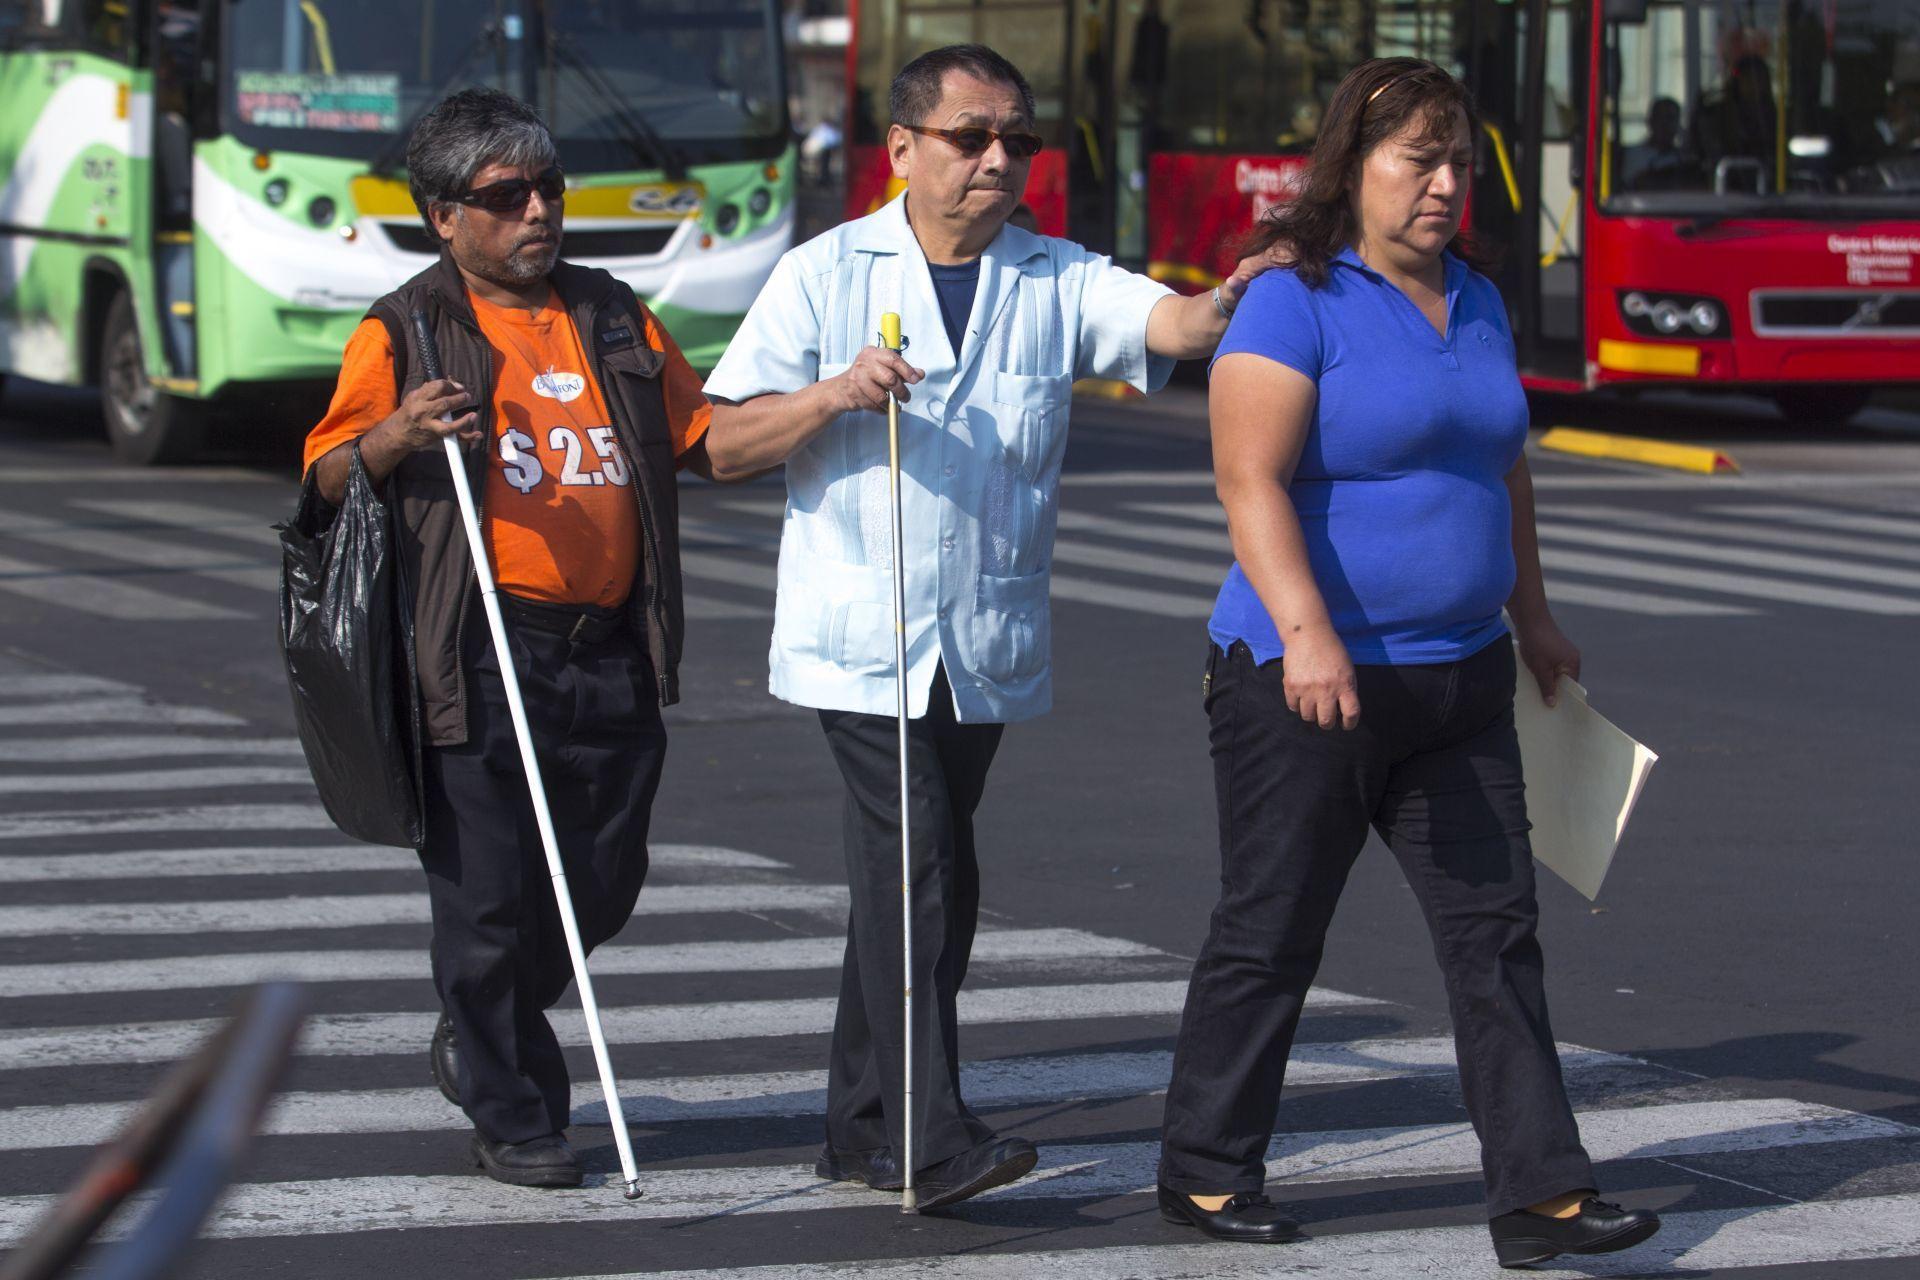 Personas discapacidad apoyo  (Foto: Cuartoscuro)